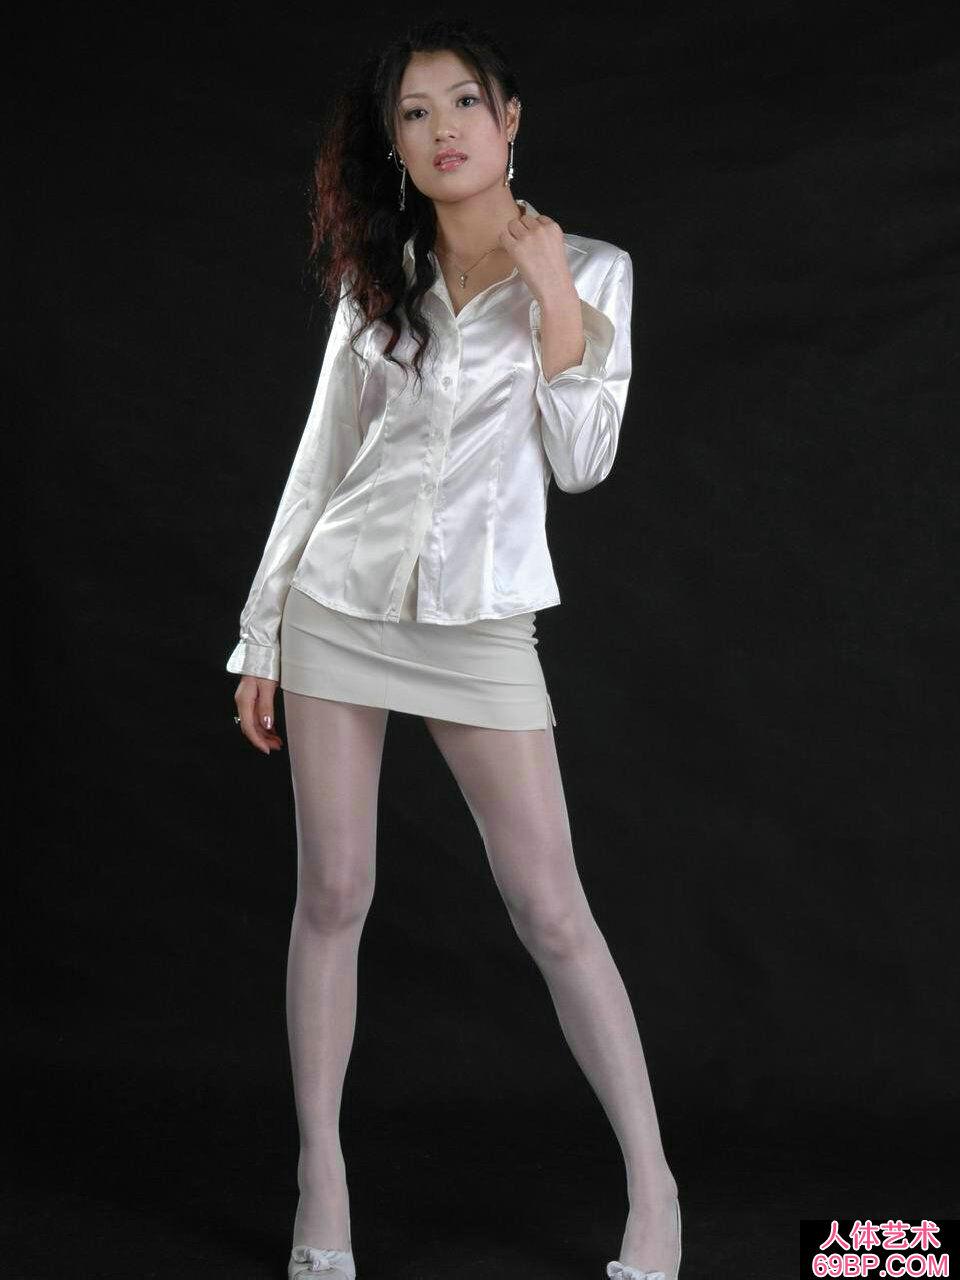 国模梅婷穿超薄黑丝人体图片